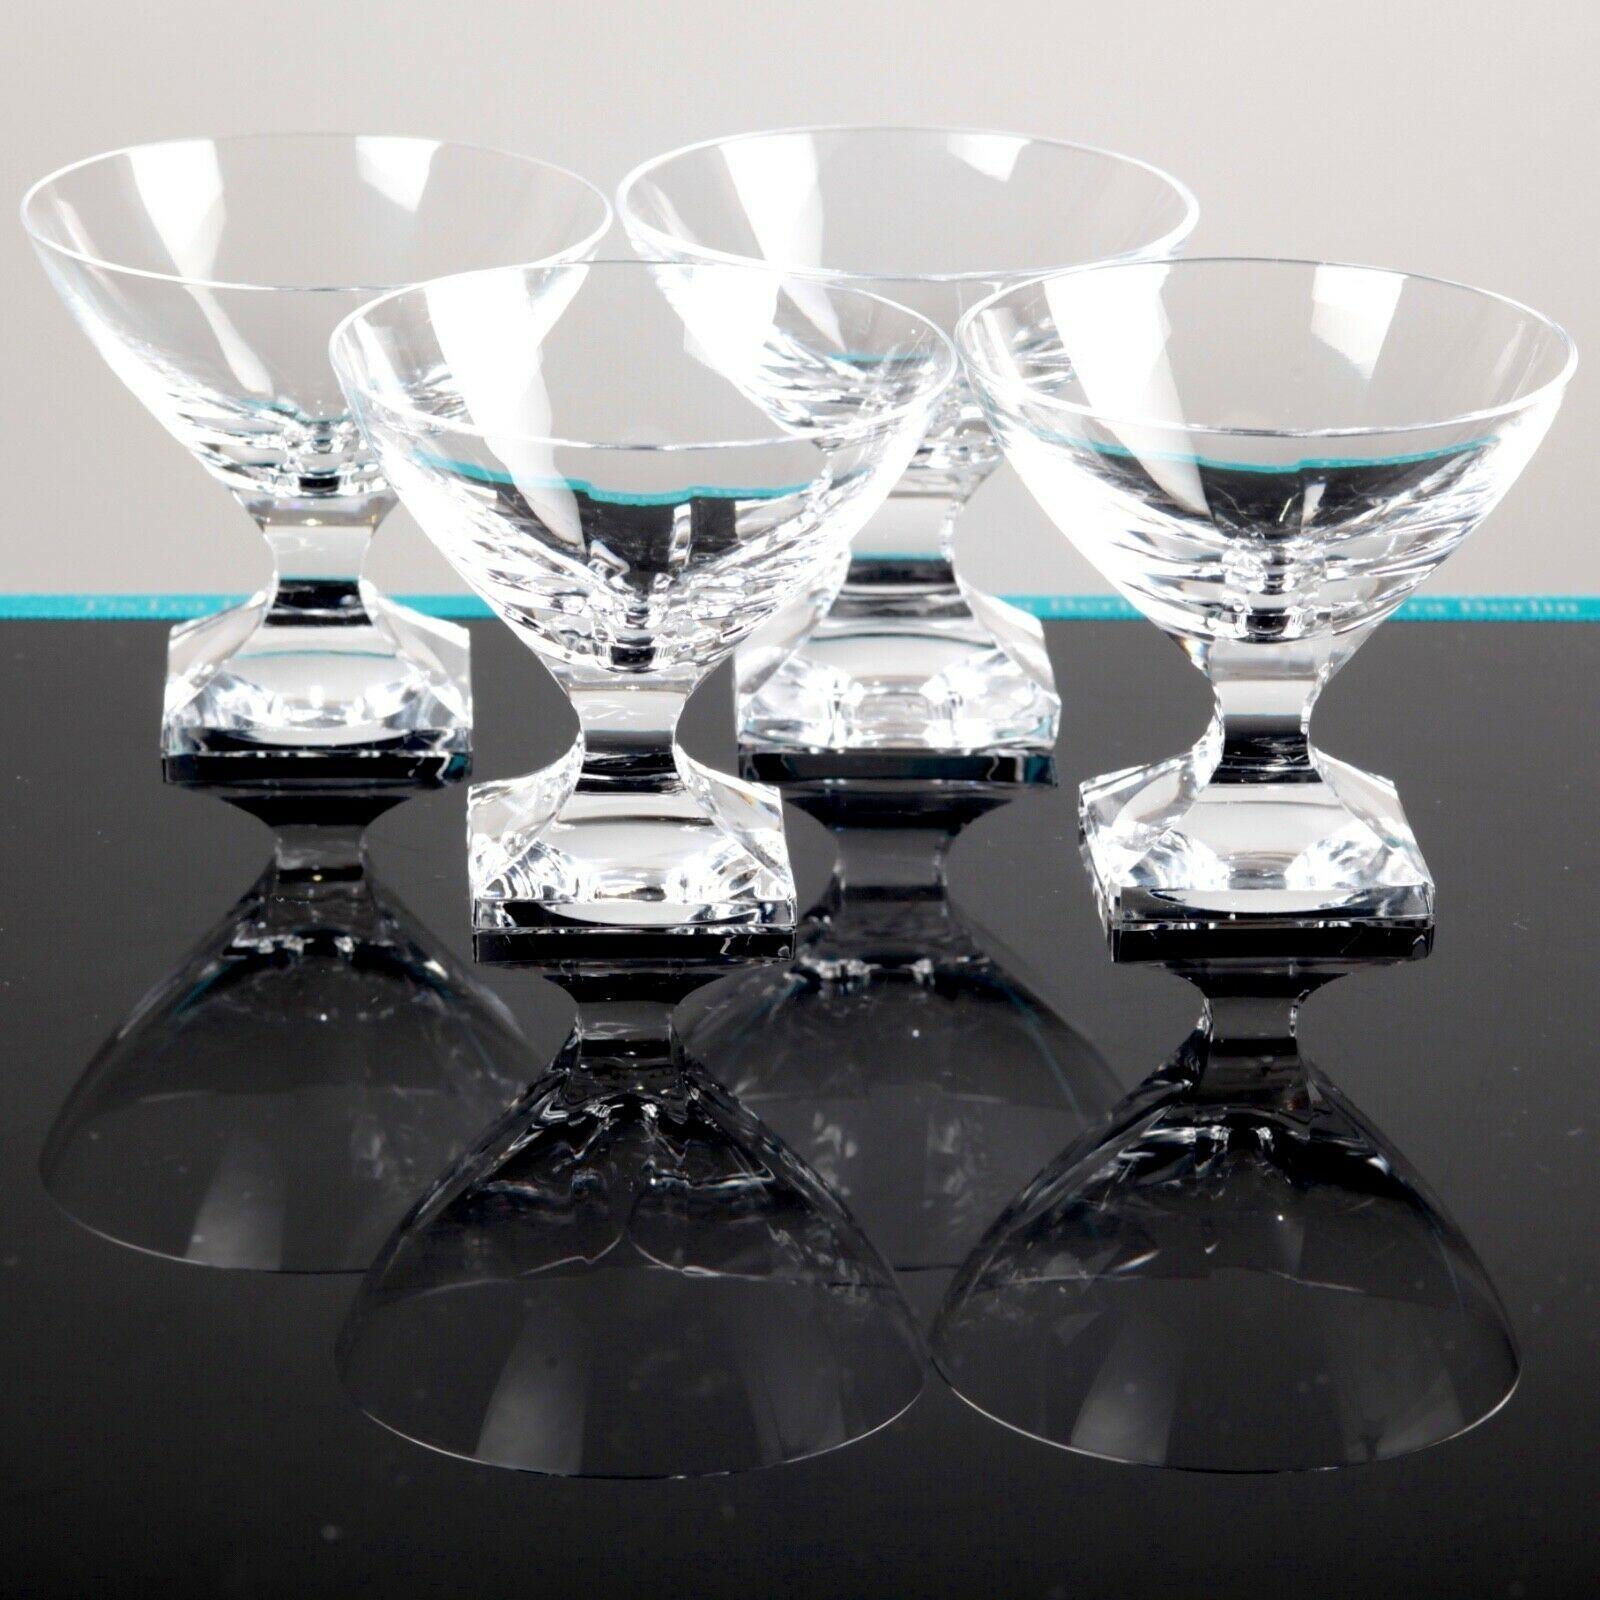 Likörglas Schale Kristall Glas mundgeblasen geschliffen Vintage 70 Jahre Gläser